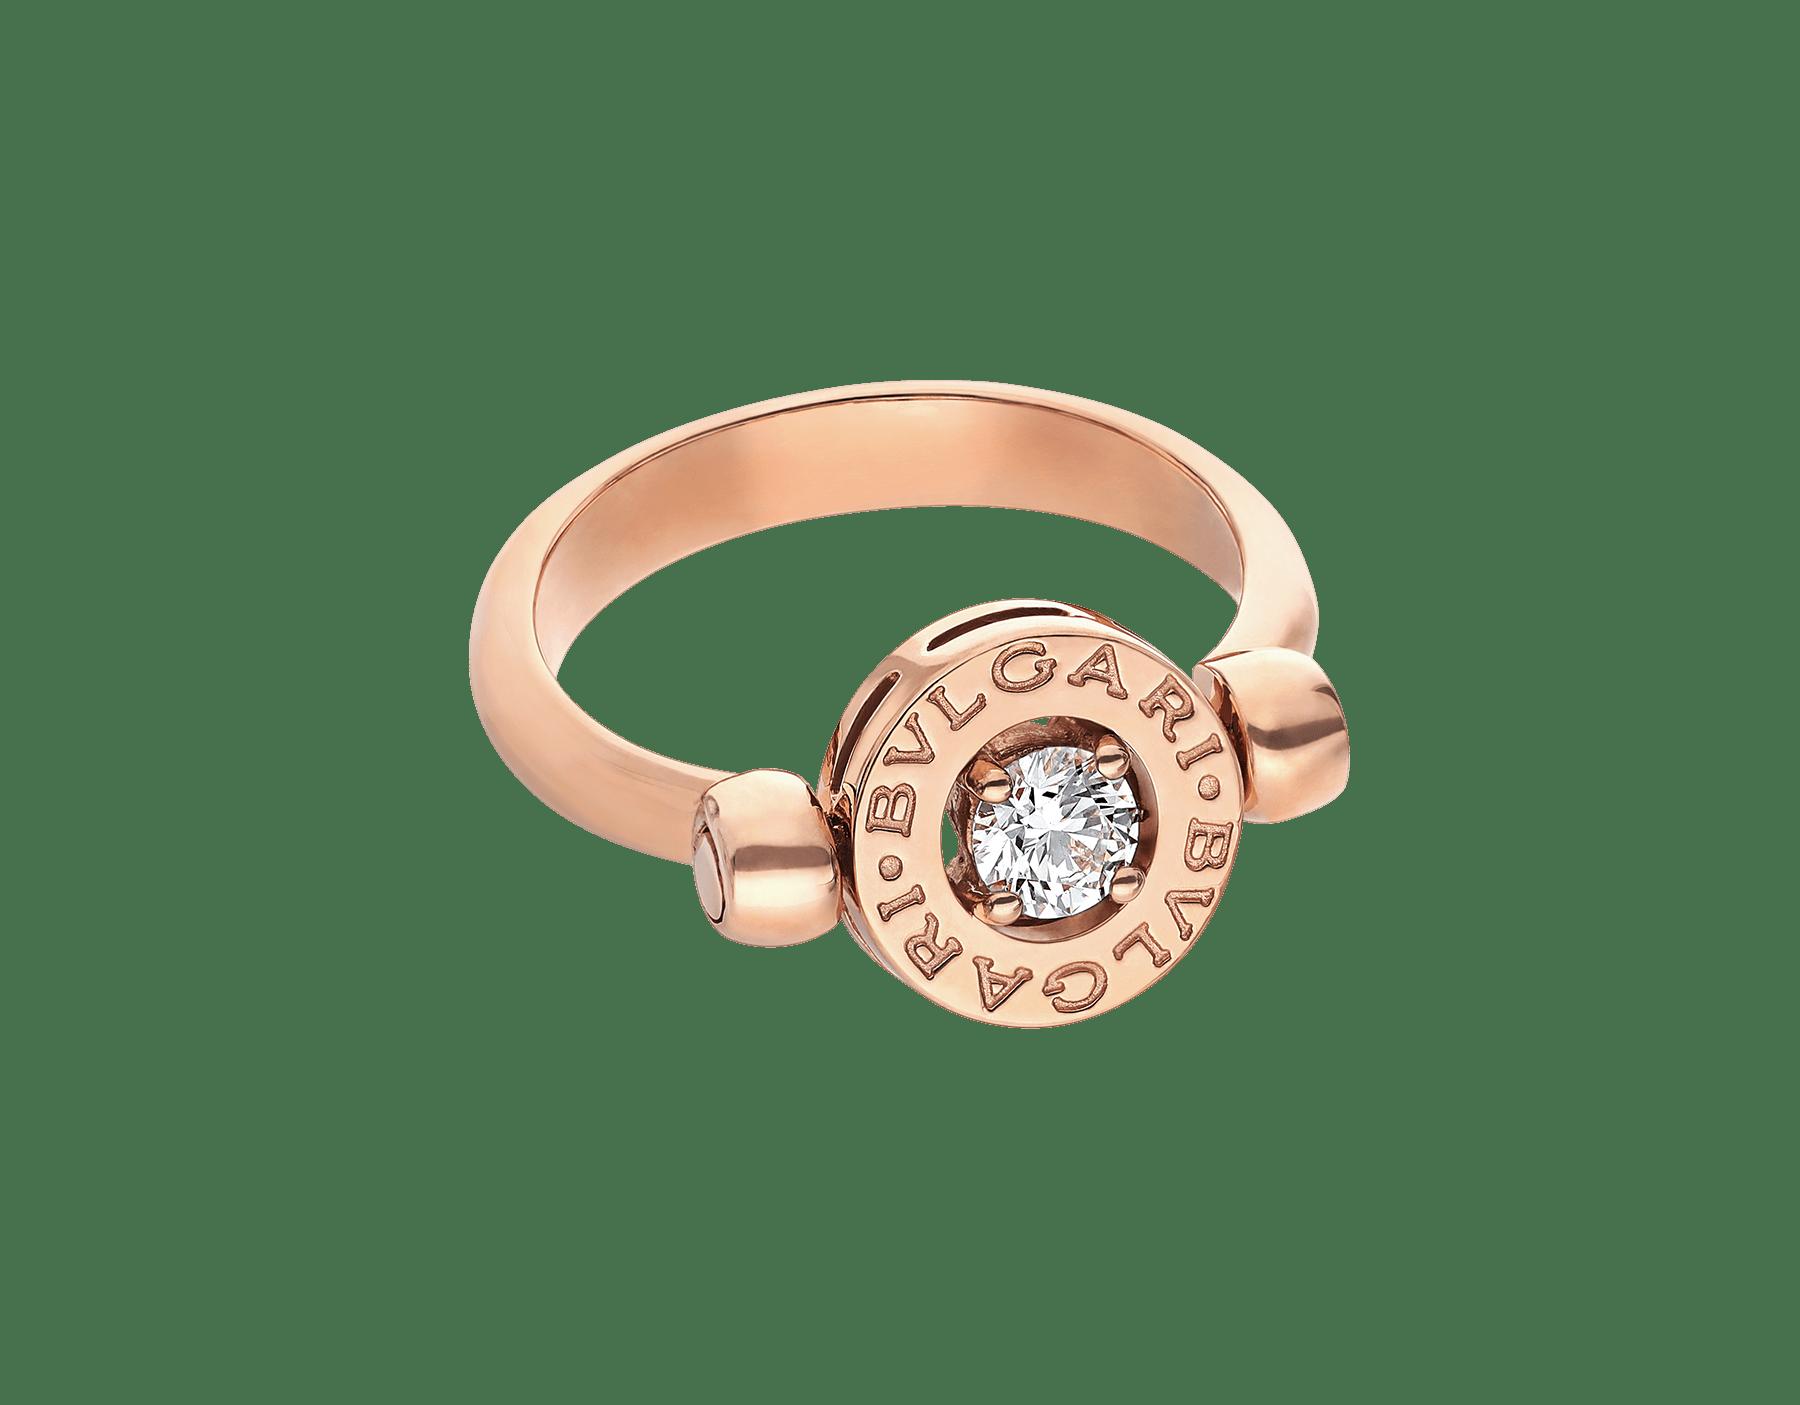 Anillo BVLGARI BVLGARI reversible en oro rosa de 18 qt con un diamante. AN853336 image 3